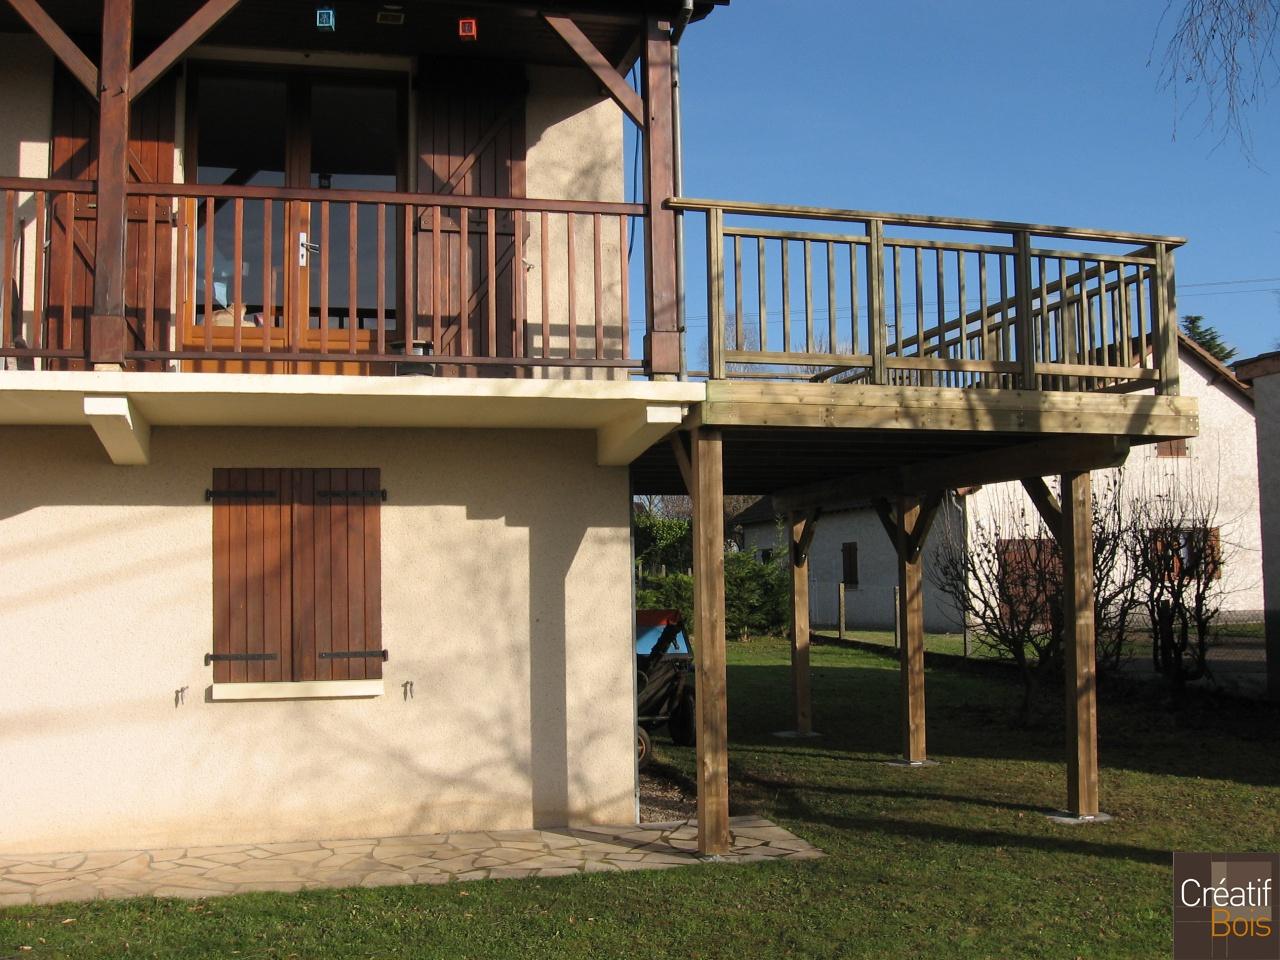 Balcon Terrasse Bois Terrasse Bois Pour Agrandir Un Balcon Deja Existant Vayrac Idees Conception Jardin Idees Conception Jardin